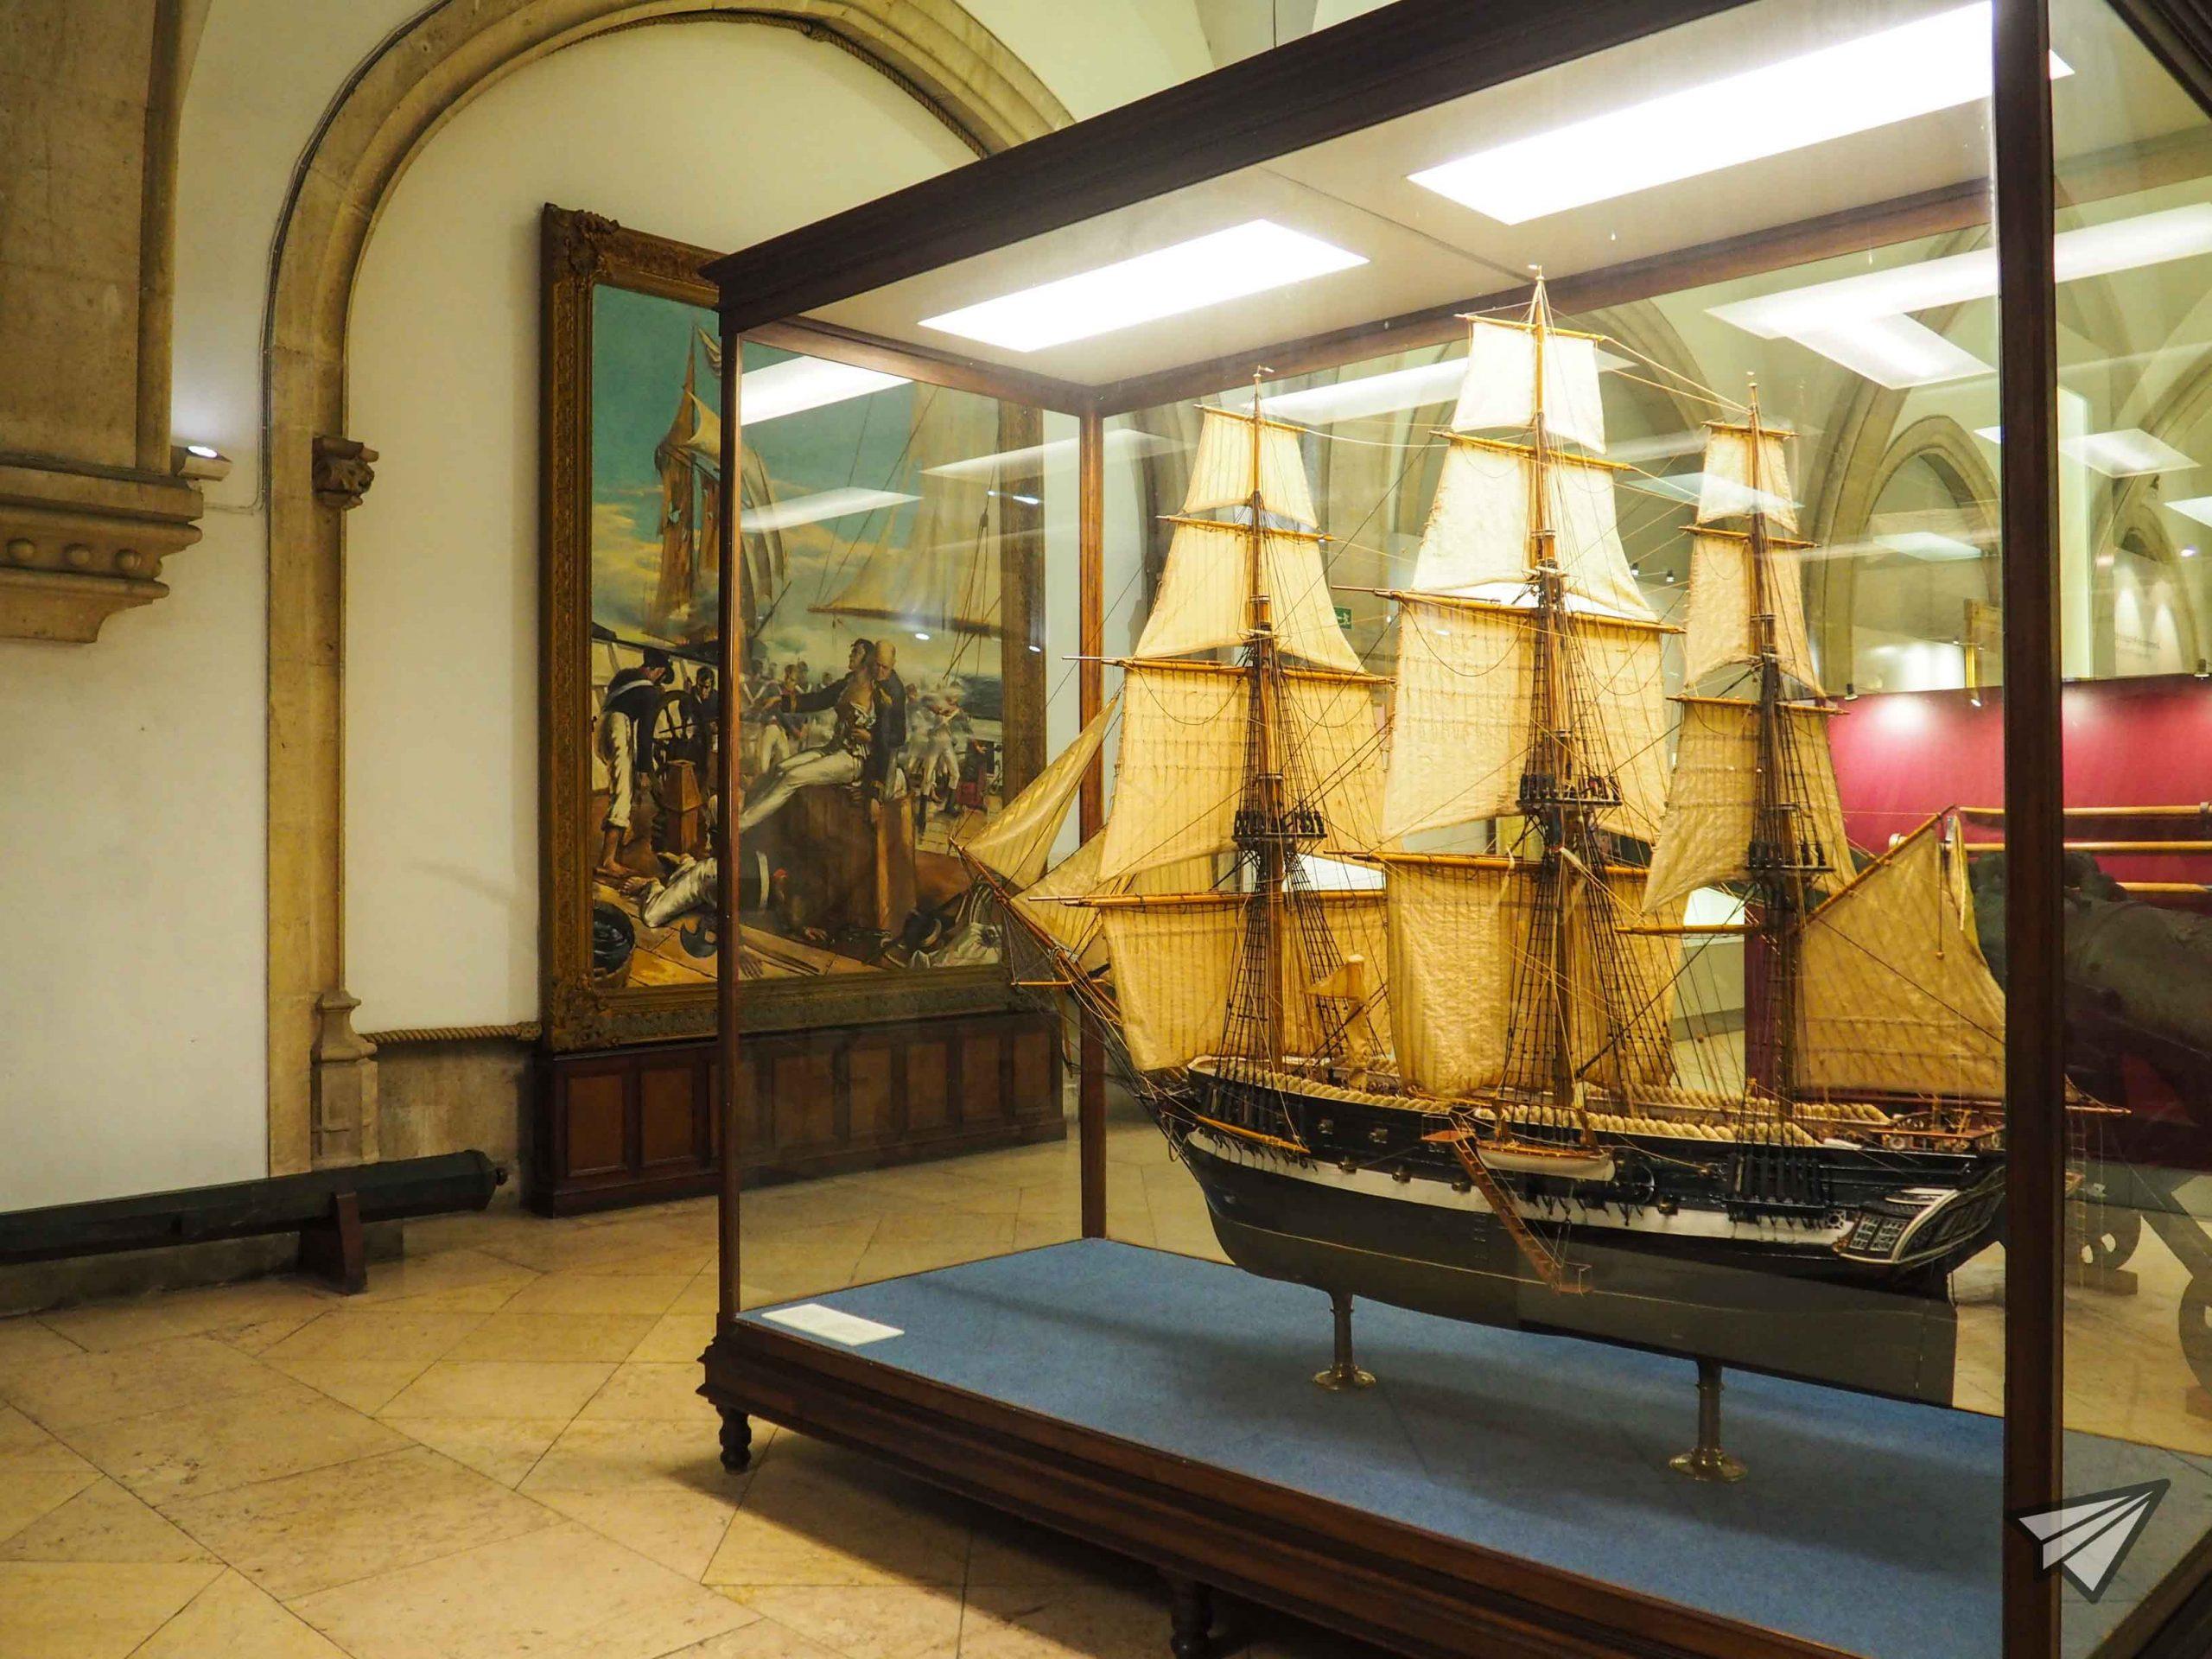 Museu de Marinha painting